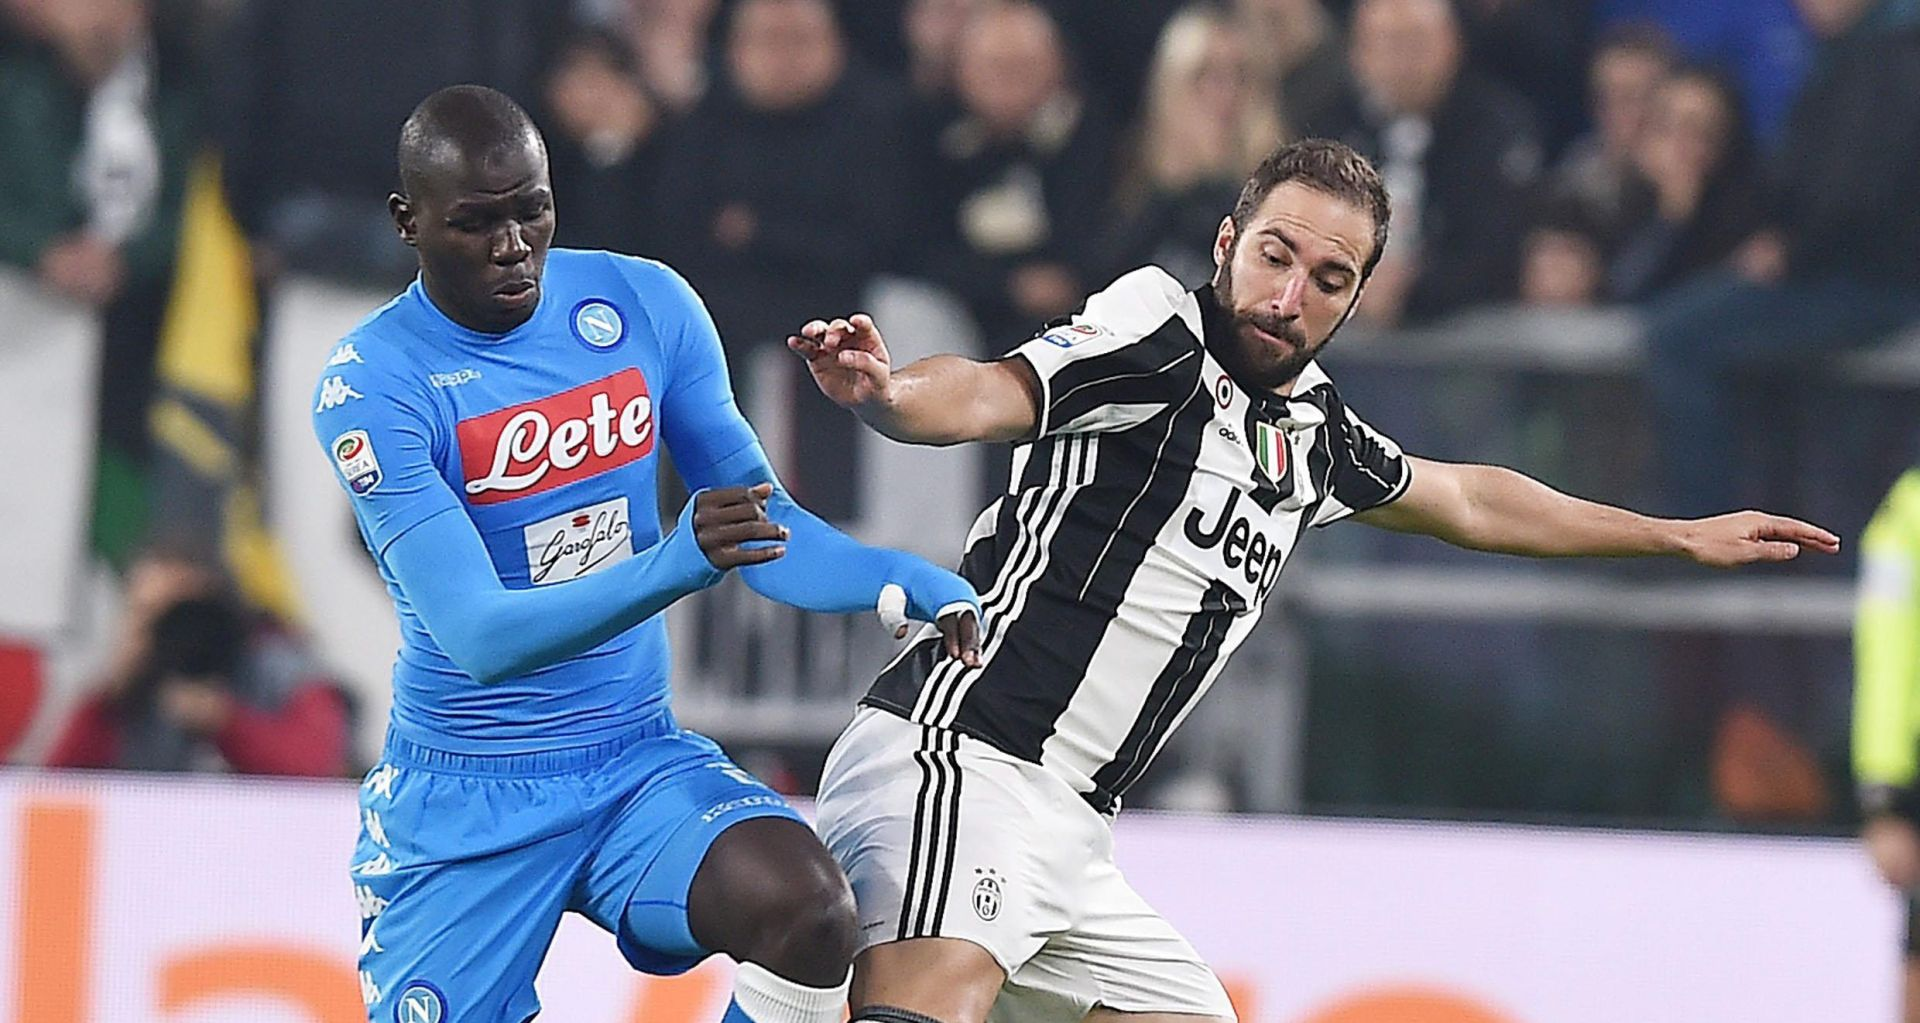 SERIE A Slavlje Juventusa u velikom derbiju – Napoliju presudio Higuain